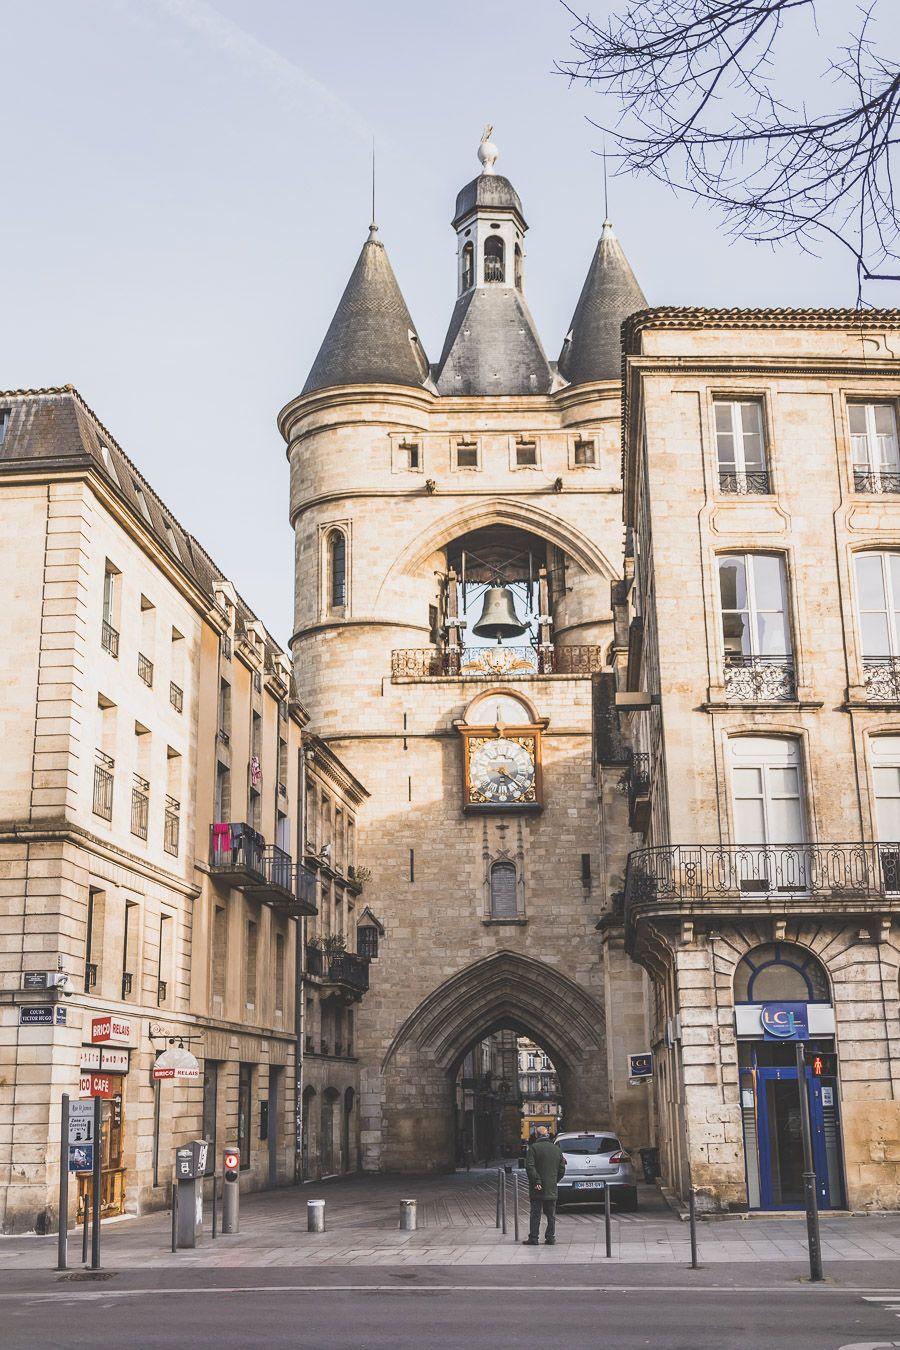 Visiter Bordeaux en 2 jours - la grosse cloche